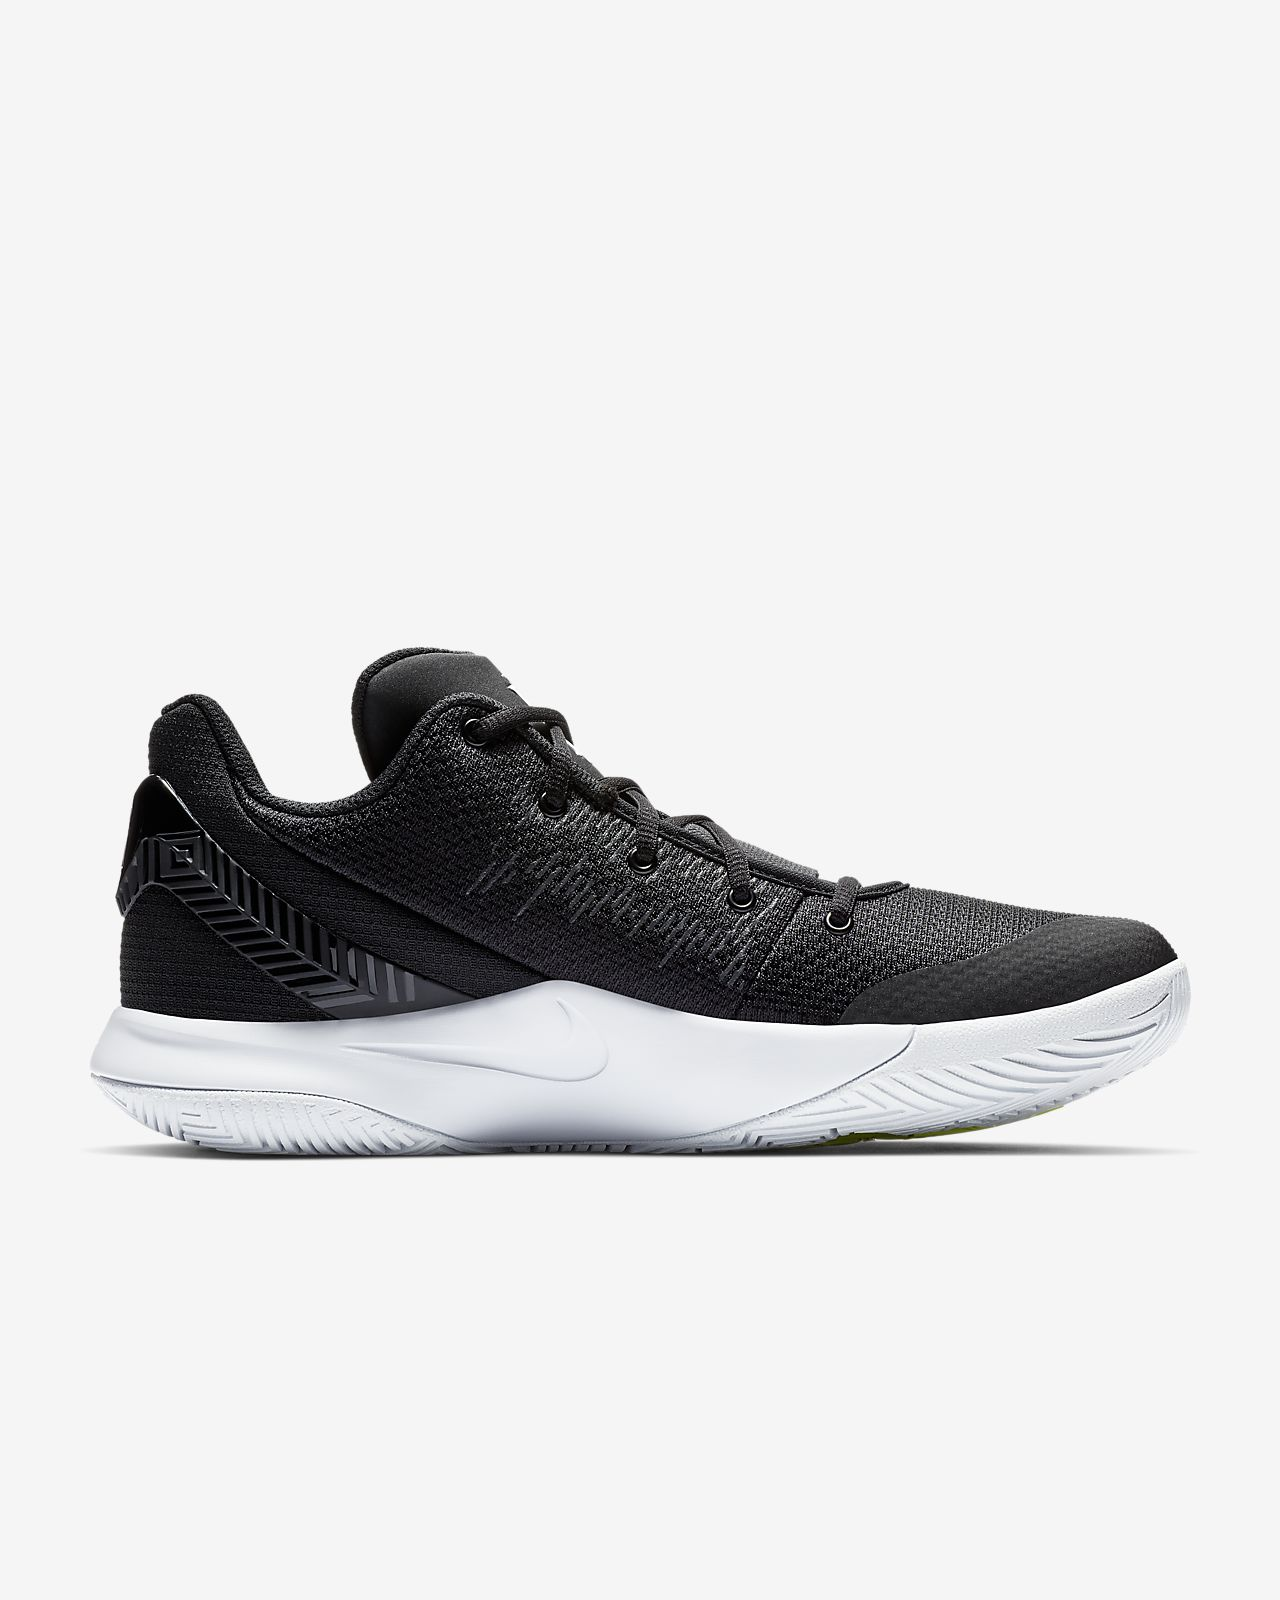 e16a51ca67b Sapatilhas de basquetebol Kyrie Flytrap II. Nike.com PT